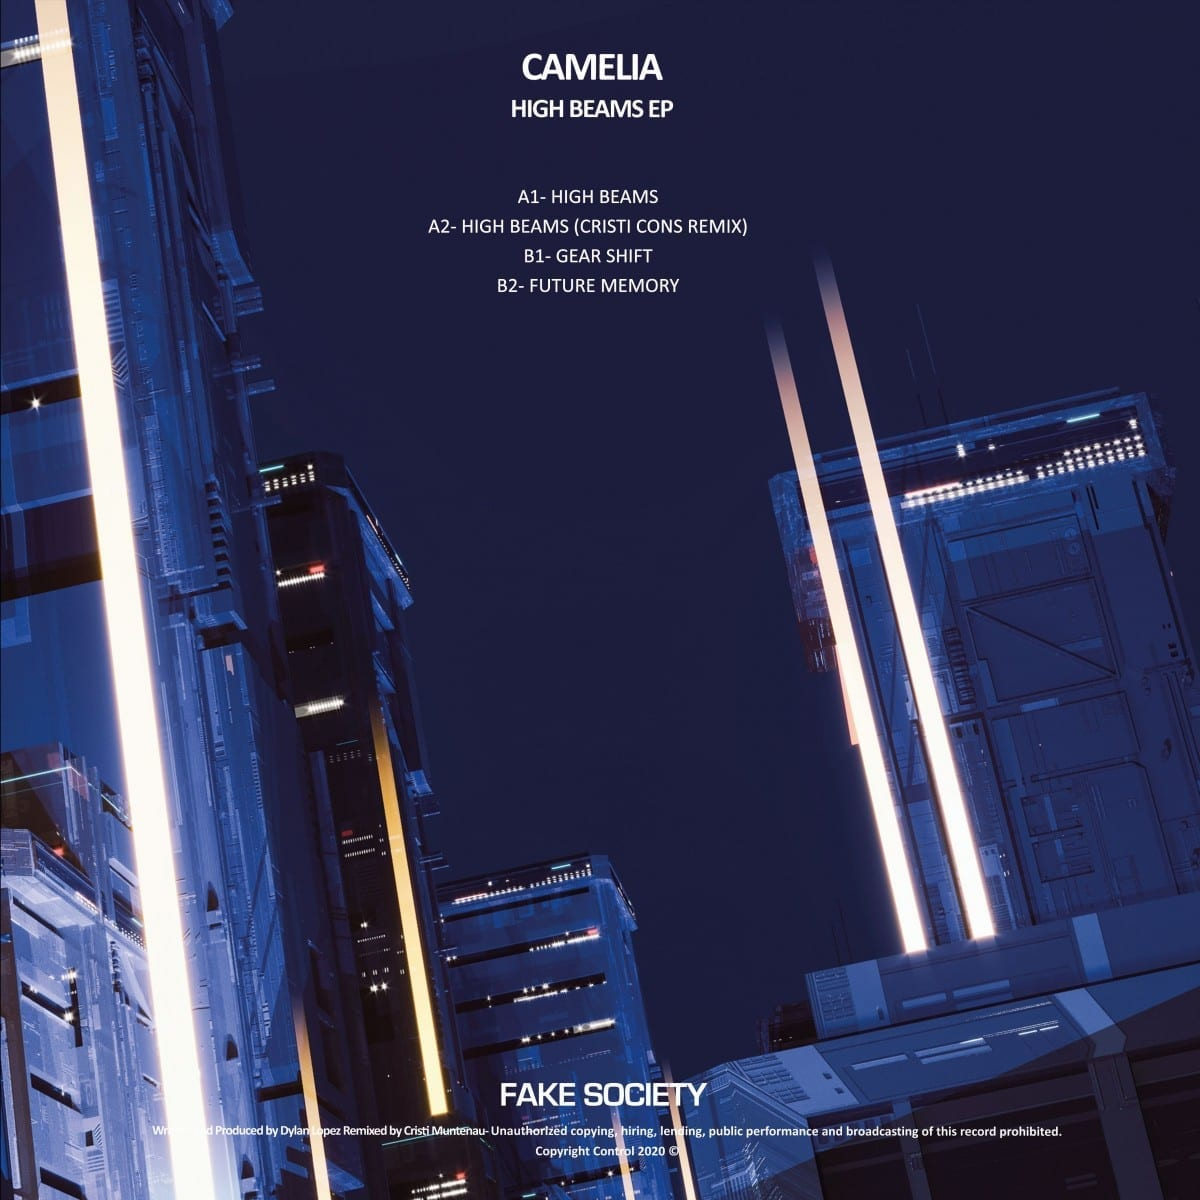 Camelia - High Beams EP [Fake Society] 02